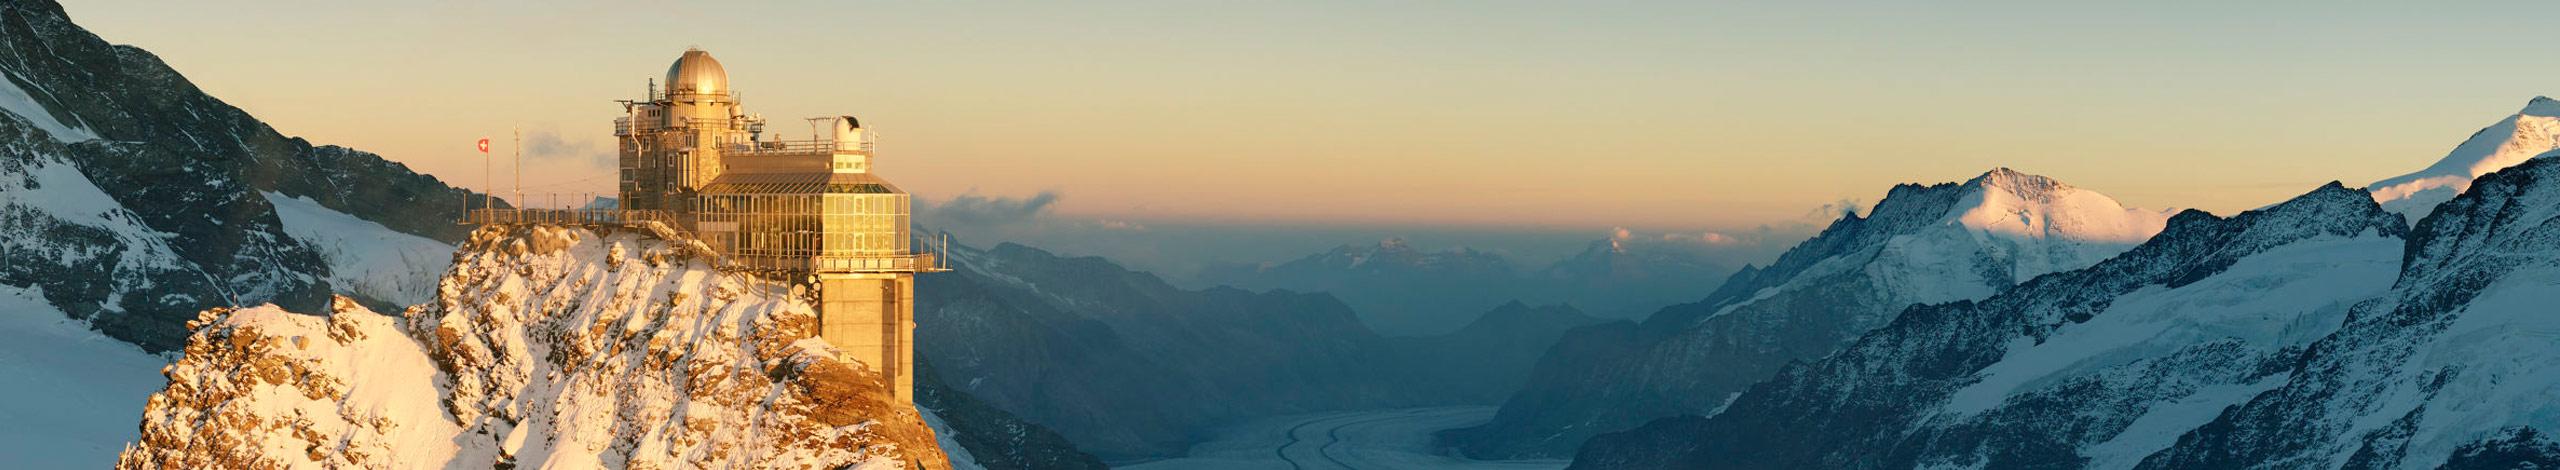 Conheça a Excellence Class do Glacier Express